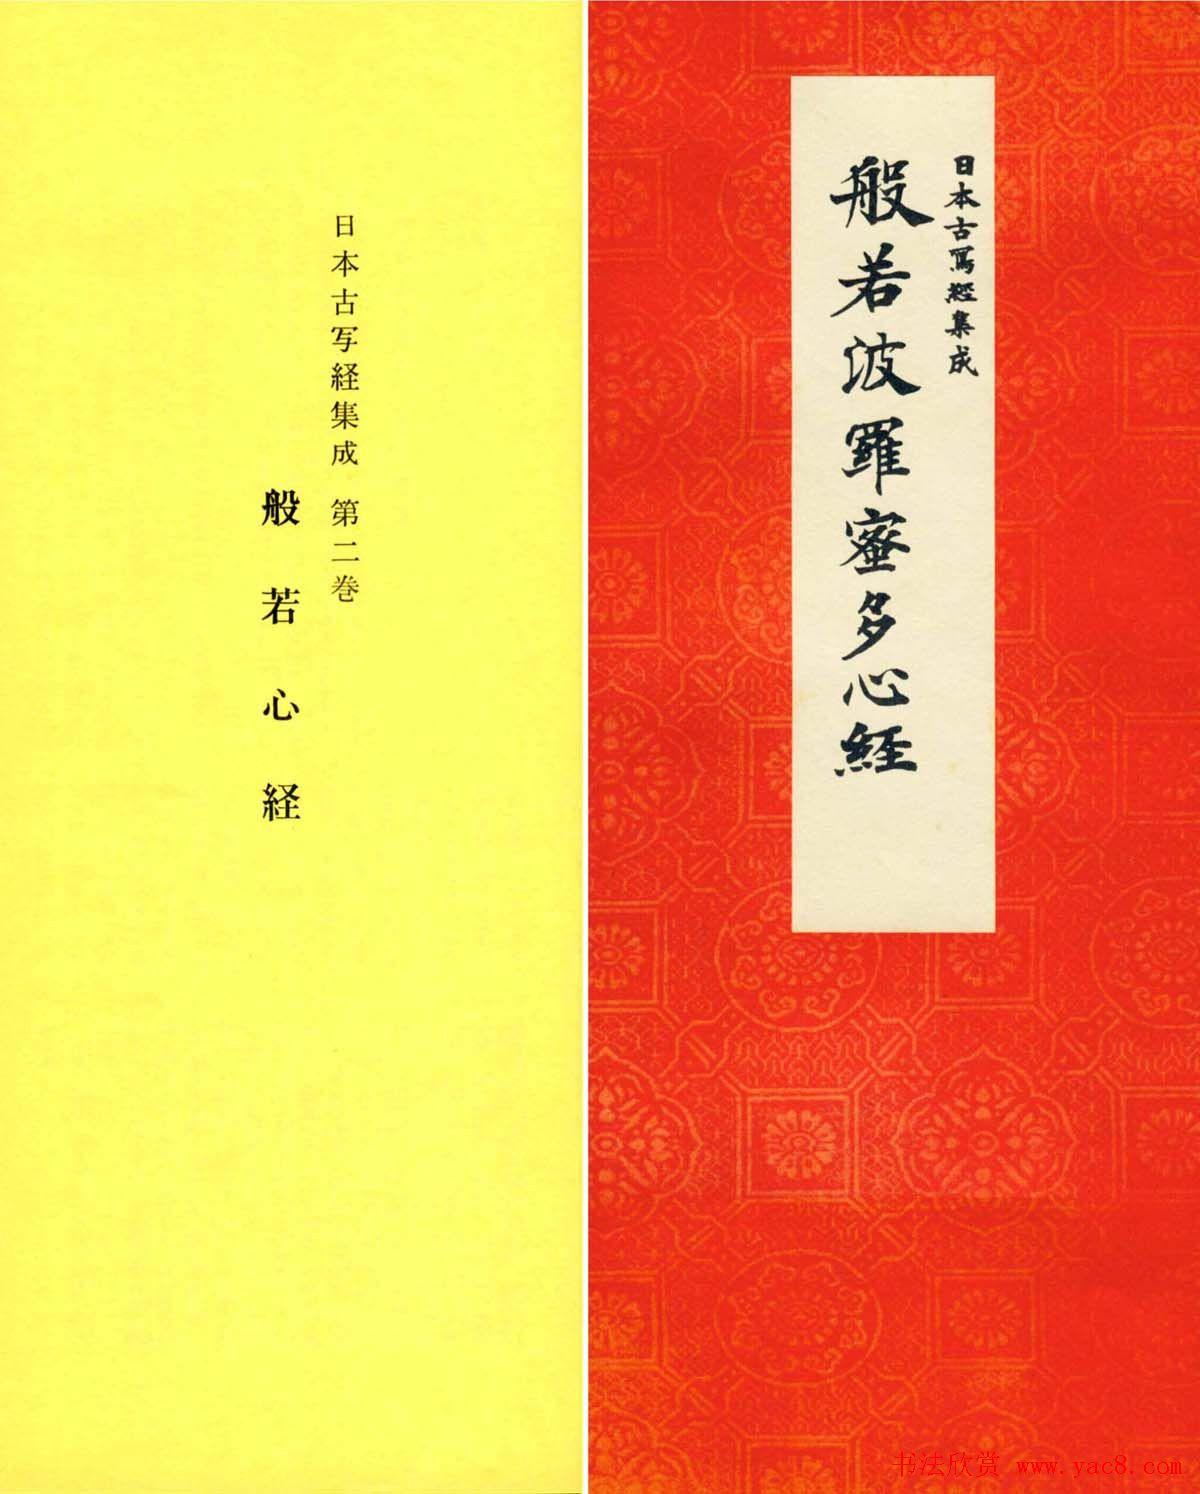 日本古写经集成--般若波罗密多心经